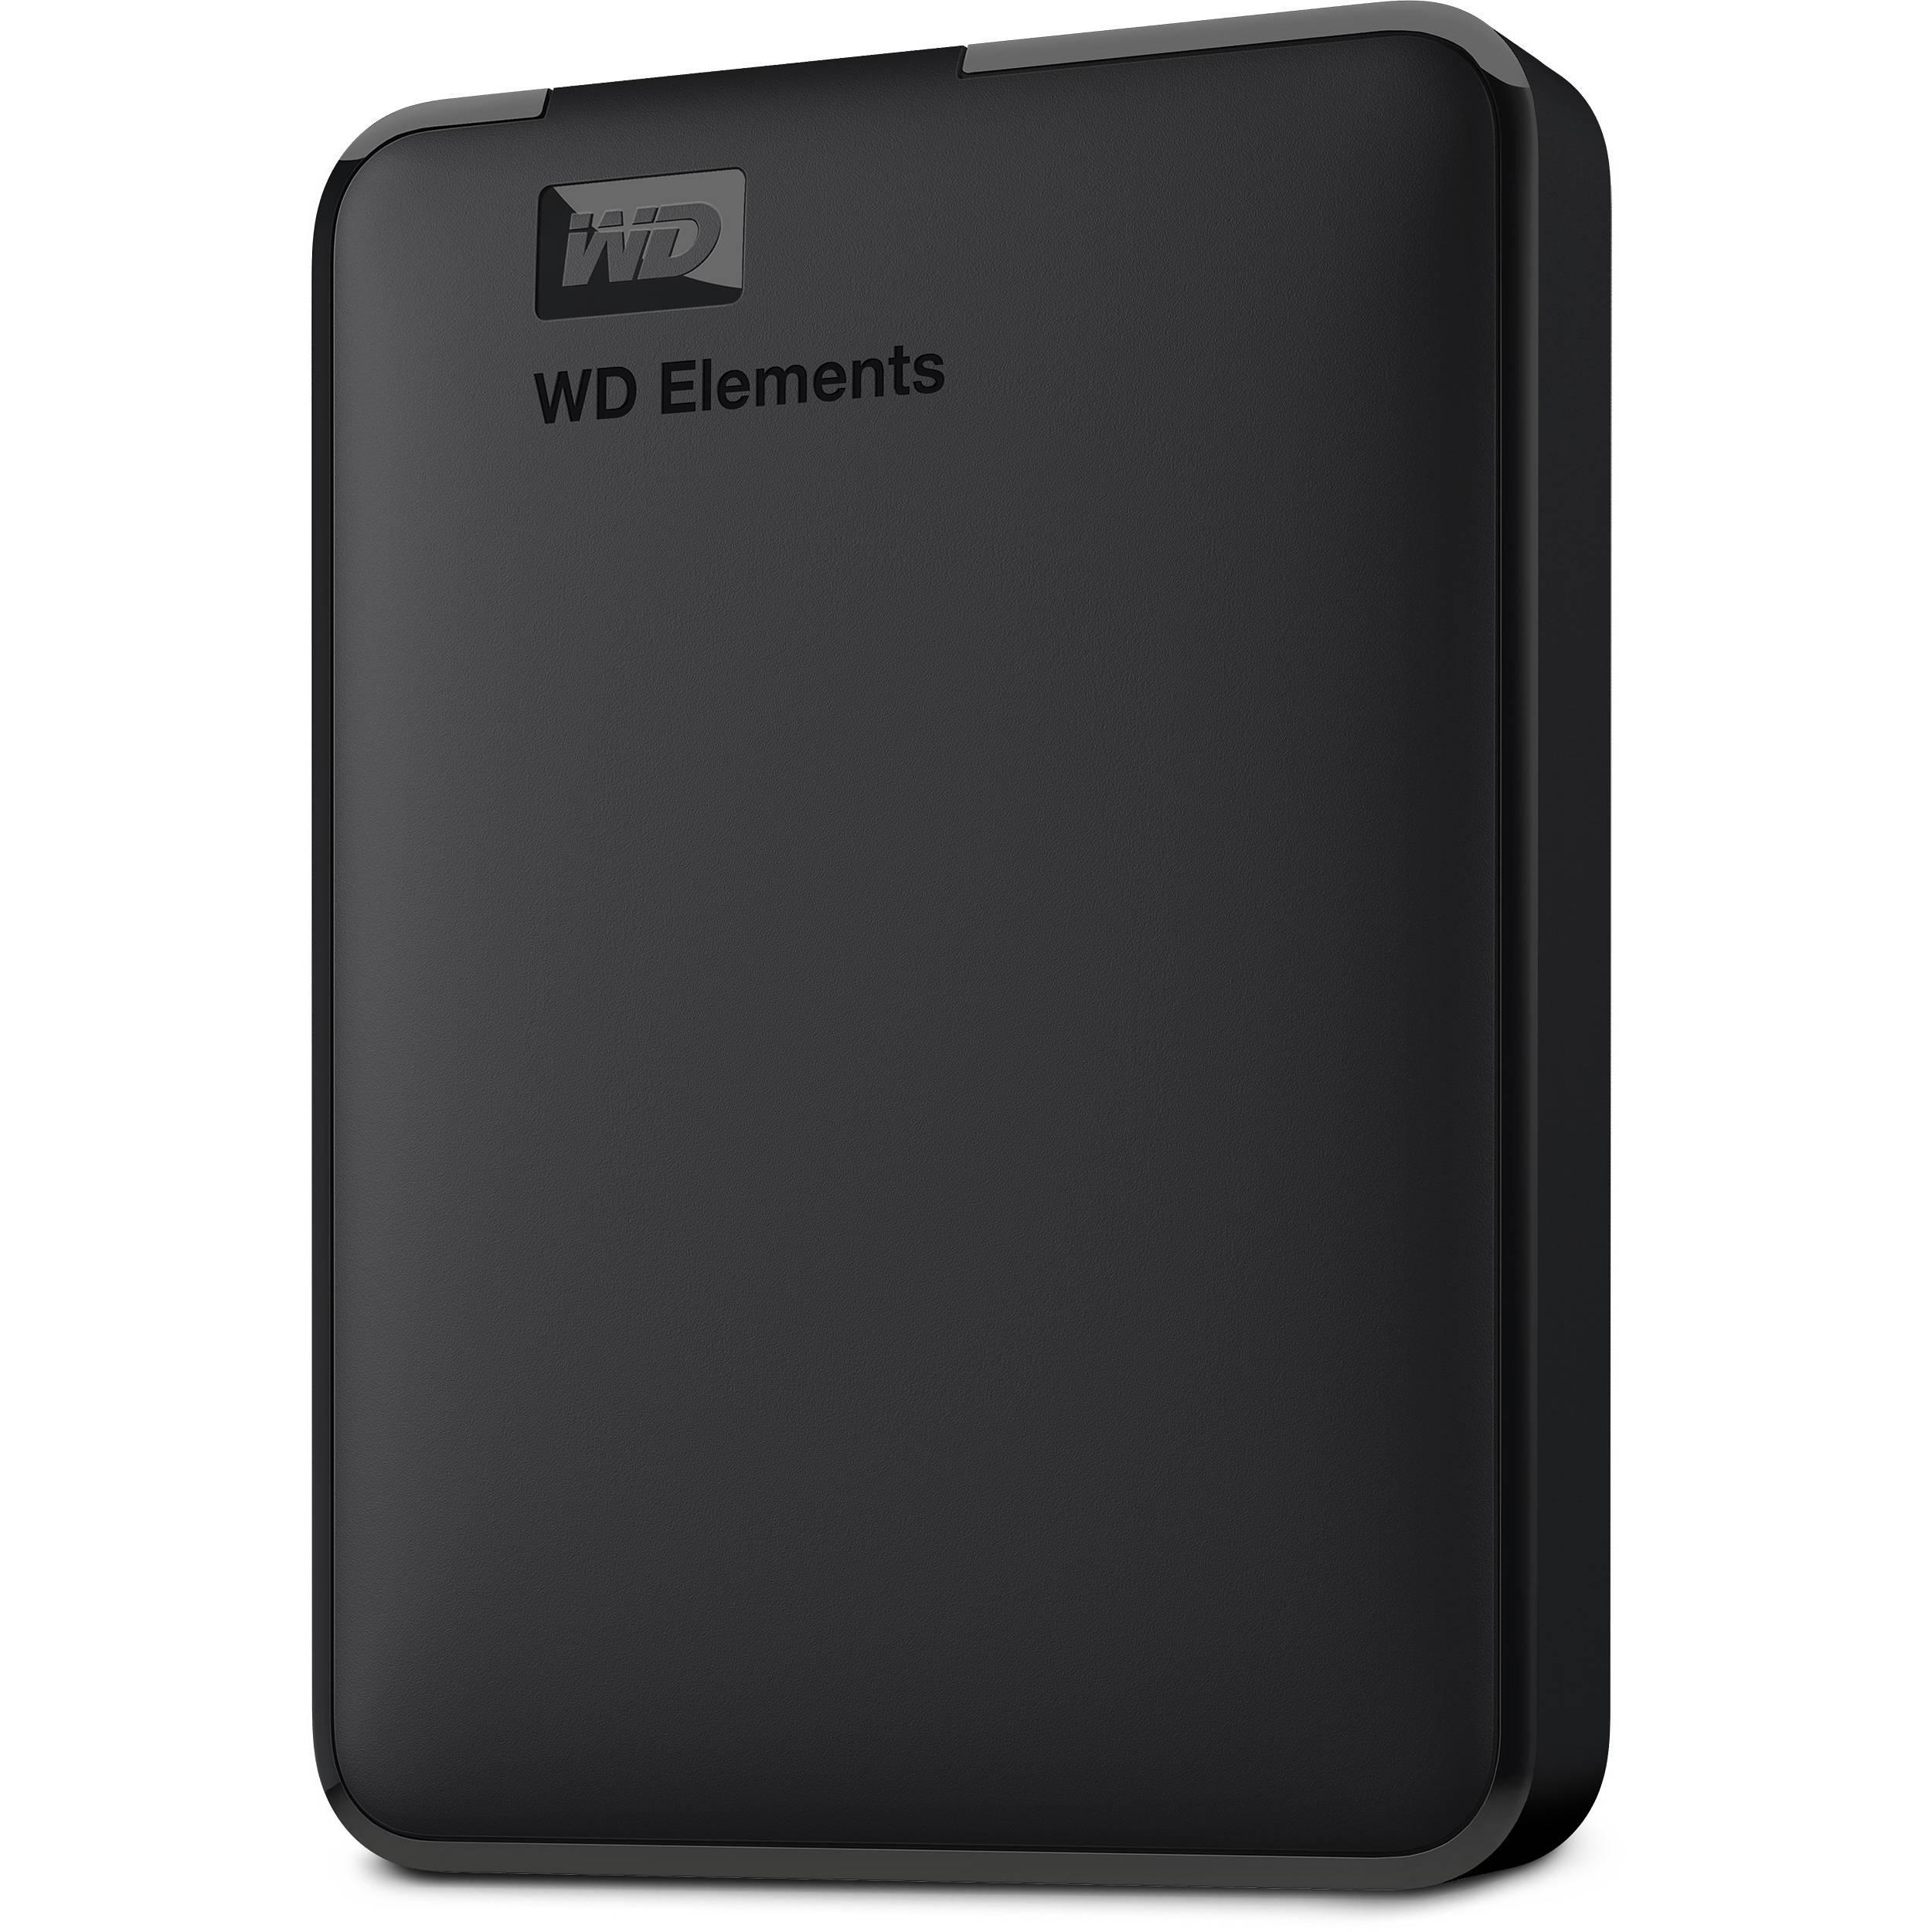 wd elements desktop 4tb review